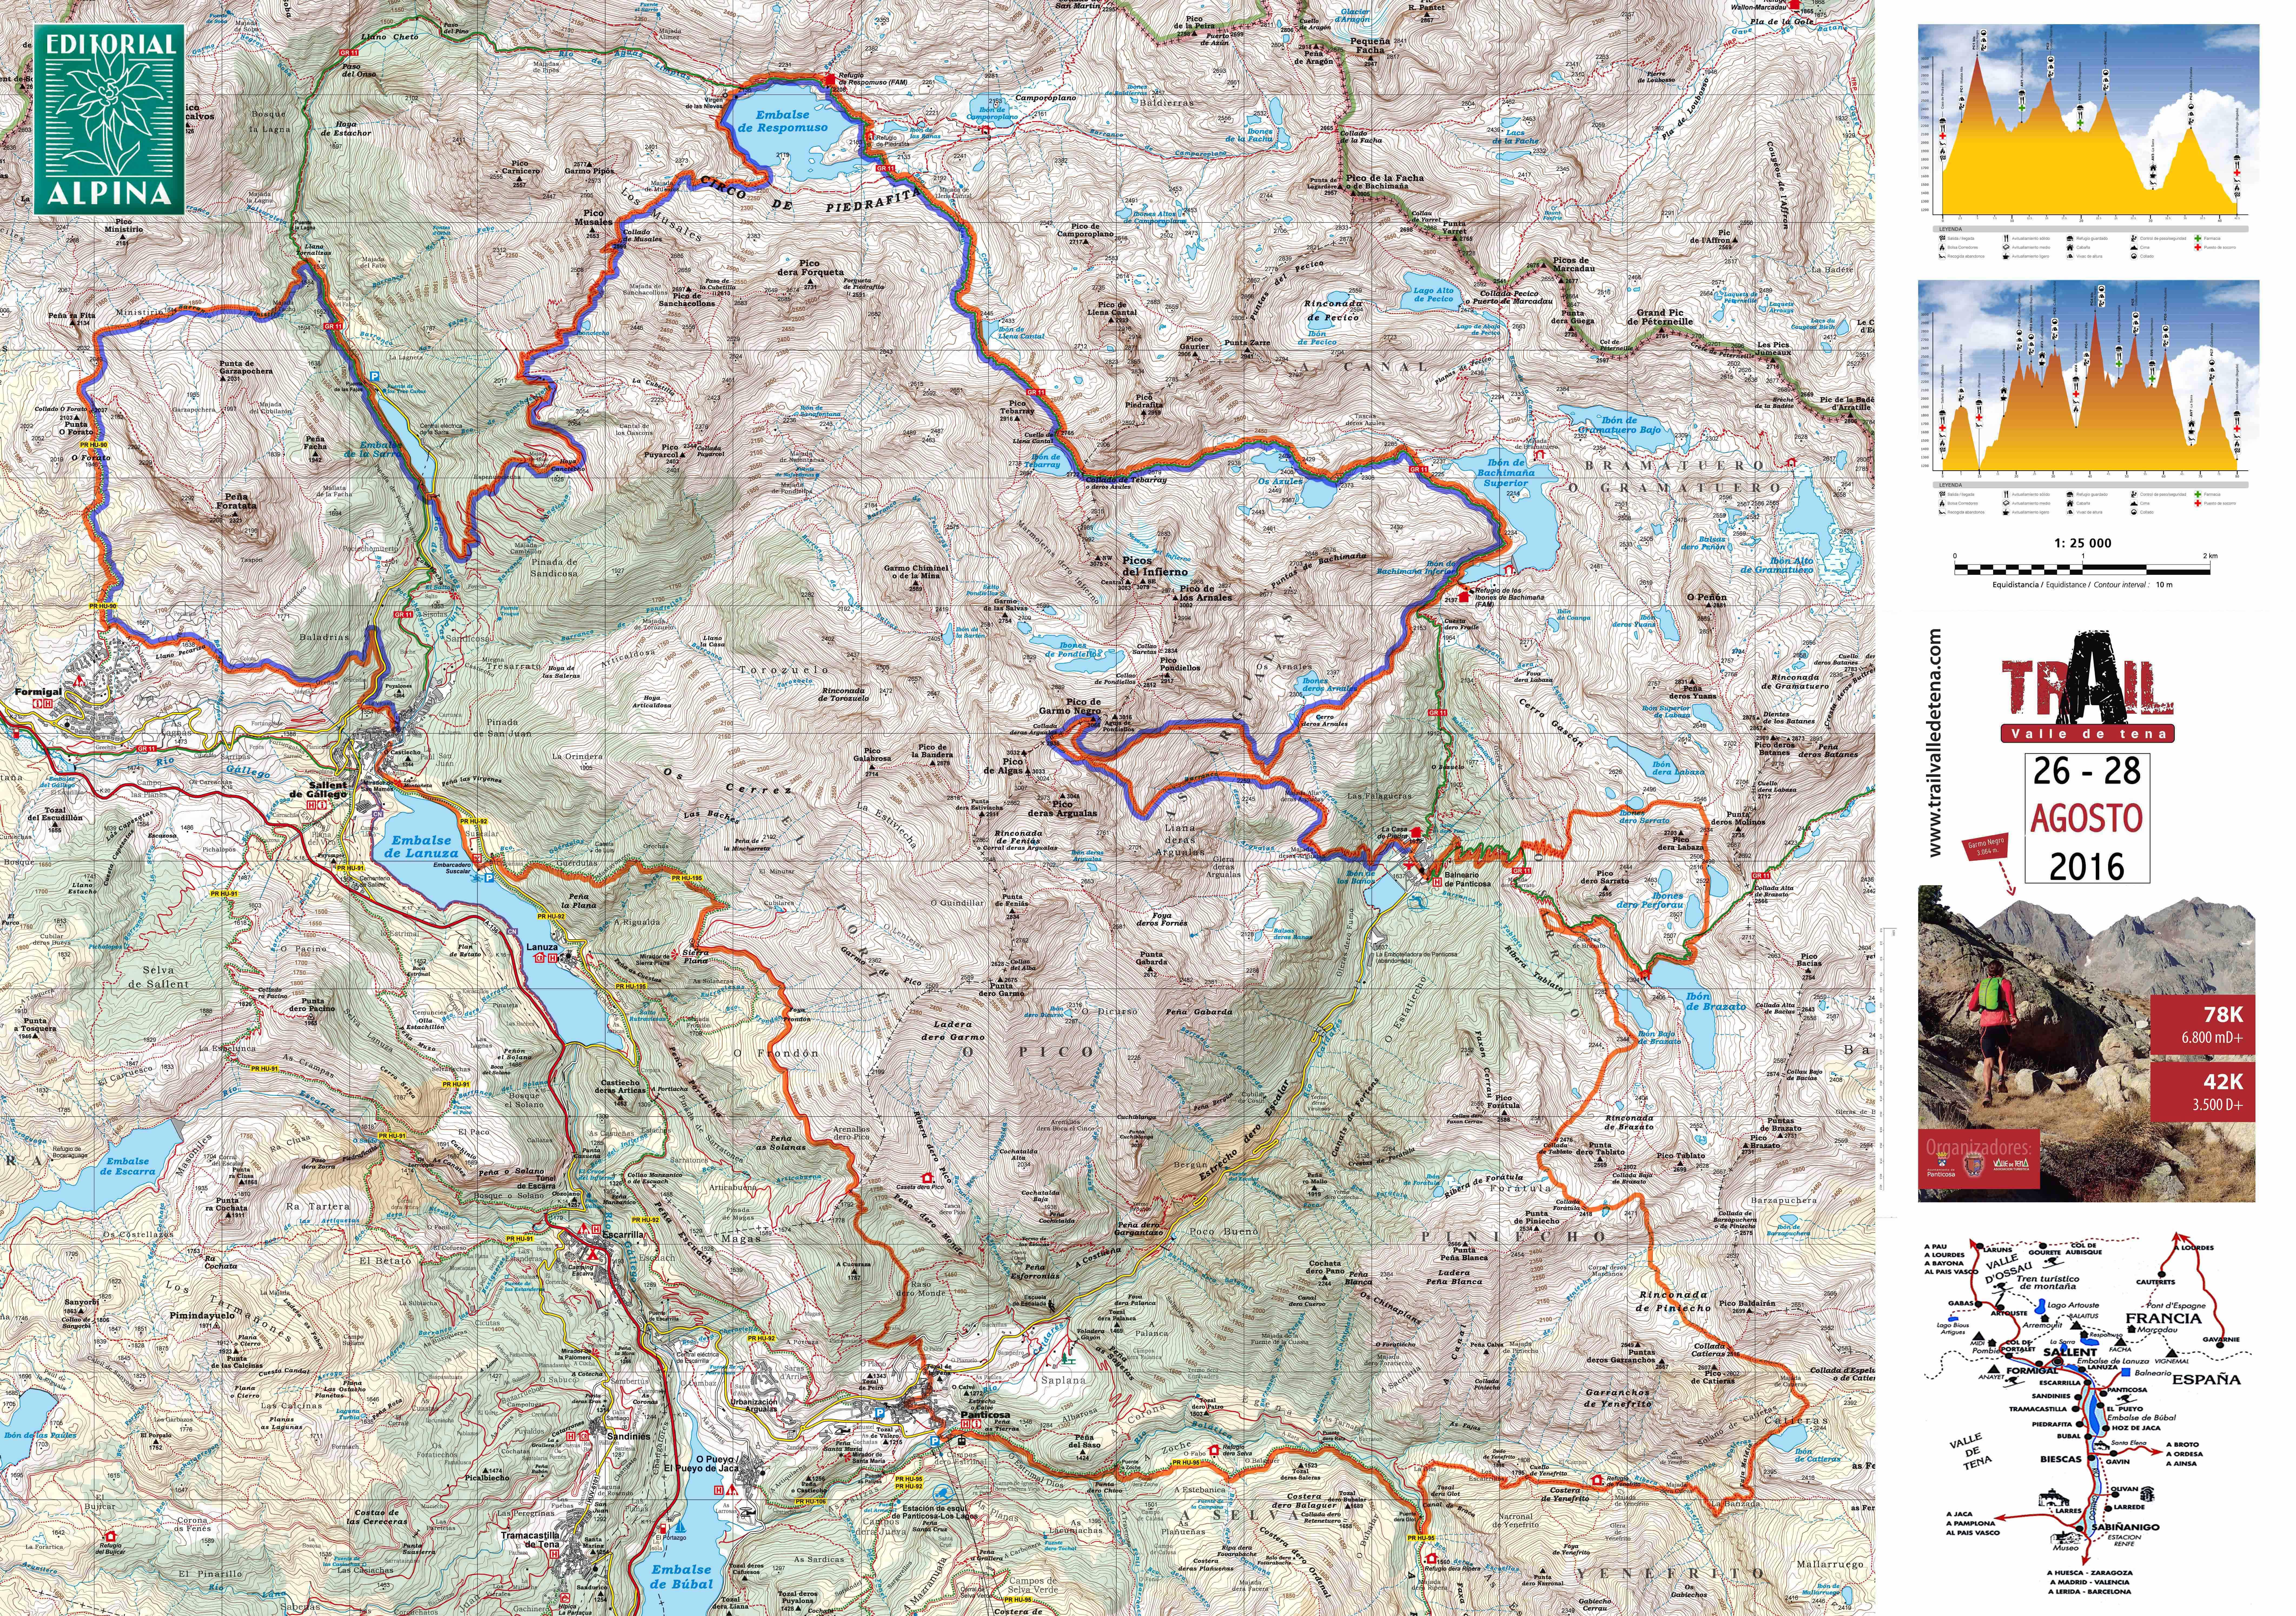 MAPA TVT Alpina_2016